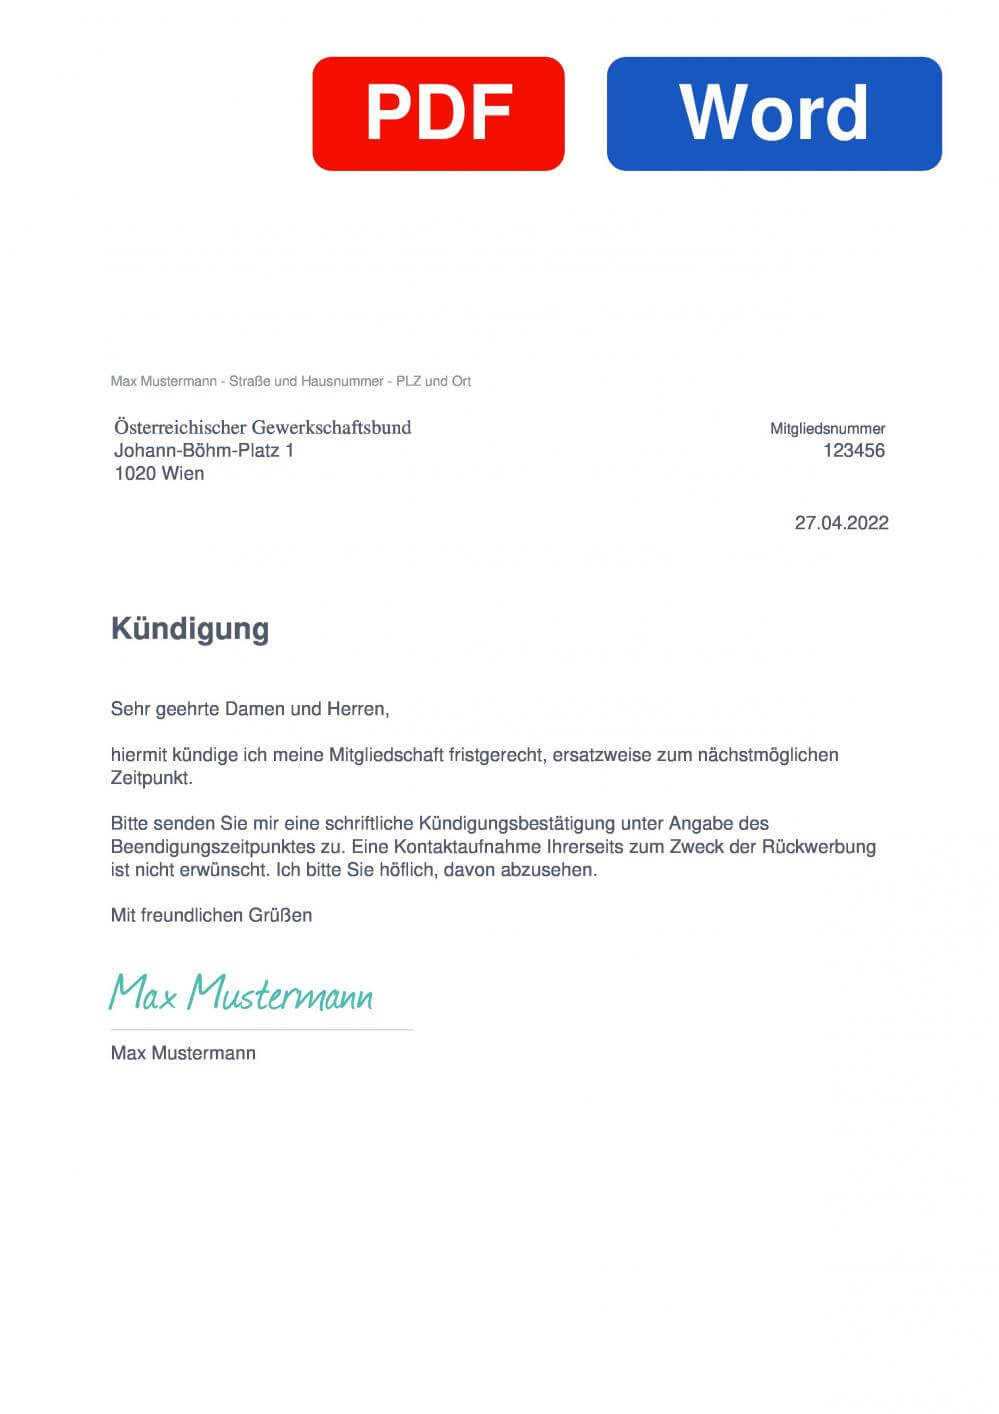 ÖGB Muster Vorlage für Kündigungsschreiben